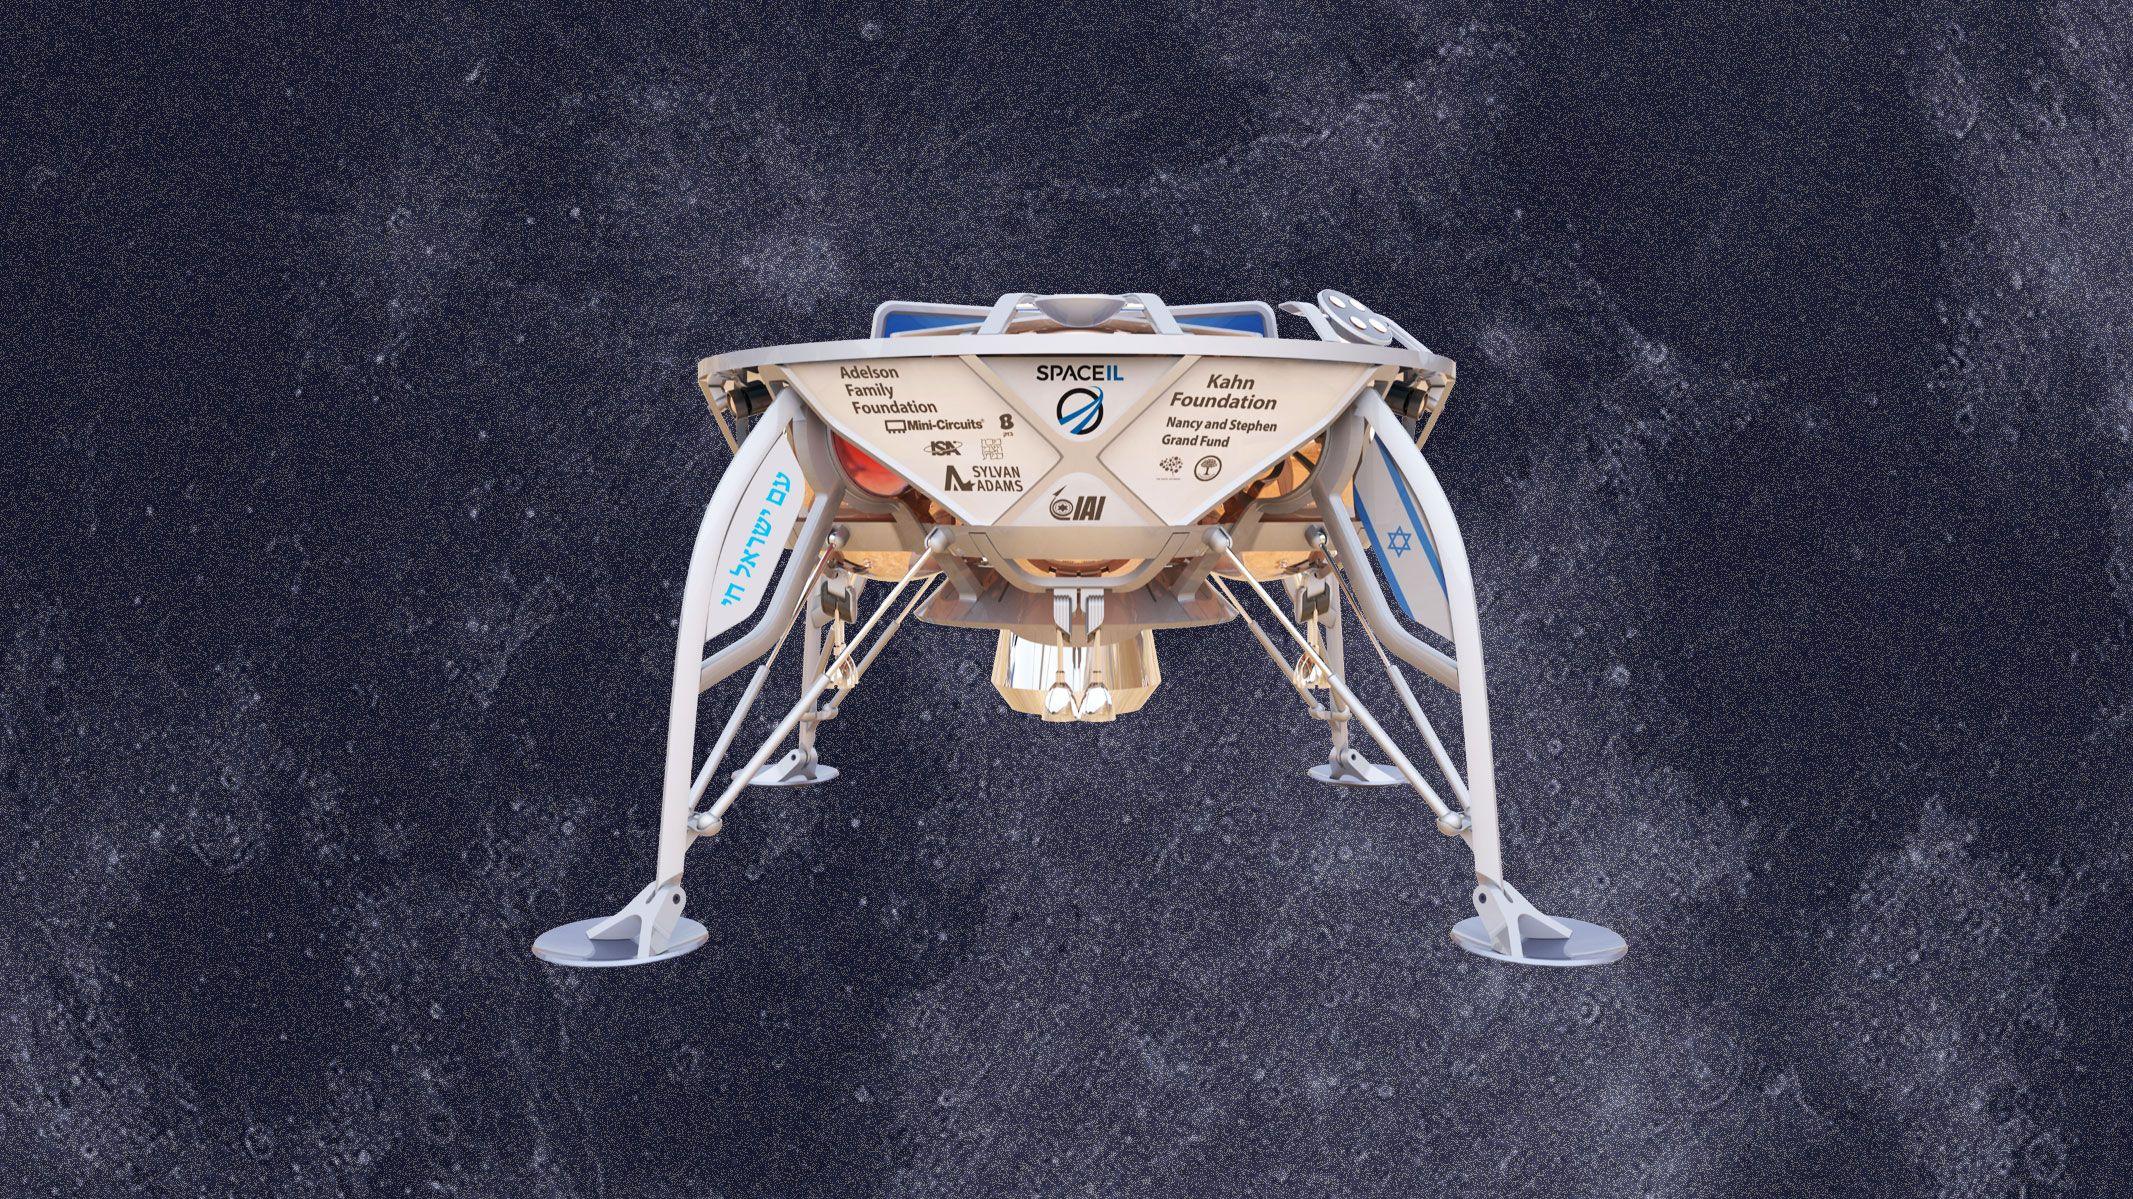 「民間初」の月面着陸目指す イスラエル探査機が打ち上げ